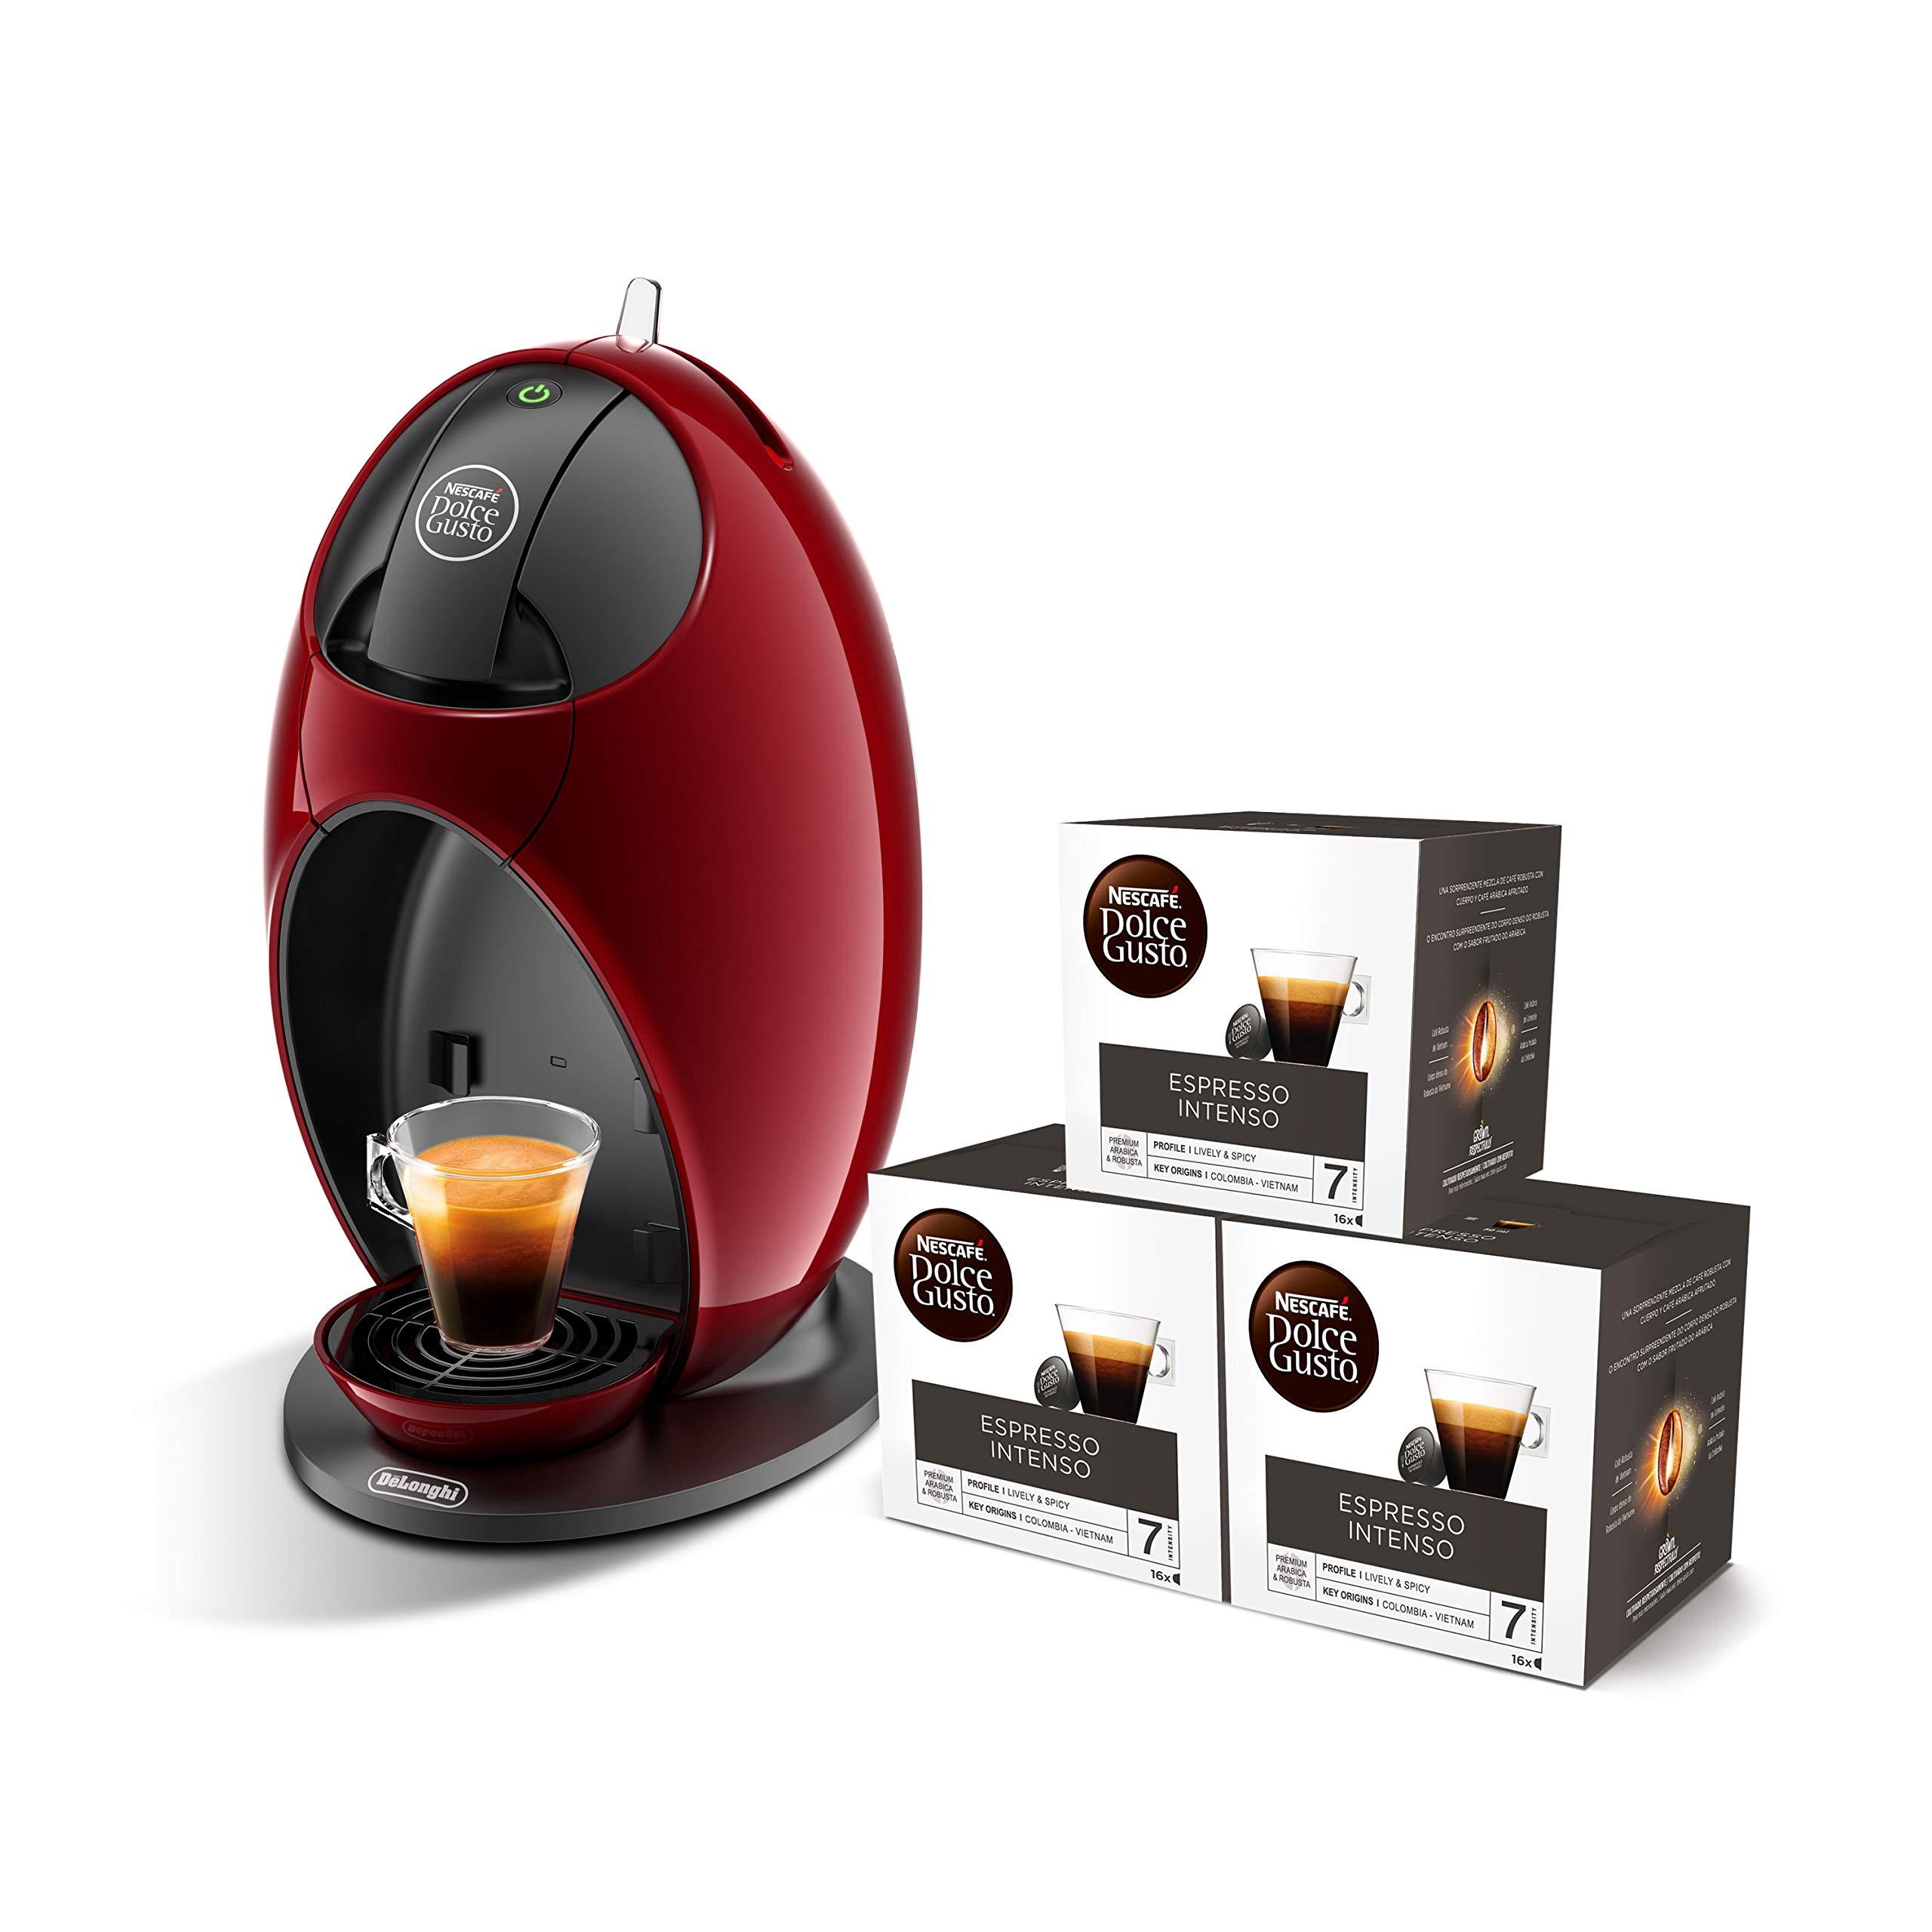 Pack DeLonghi Dolce Gusto Jovia EDG250.R - Cafetera de cápsulas, 15 bares de presión, color rojo + 3 packs de café Dolce Gusto Espresso Intenso: Amazon.es: Hogar